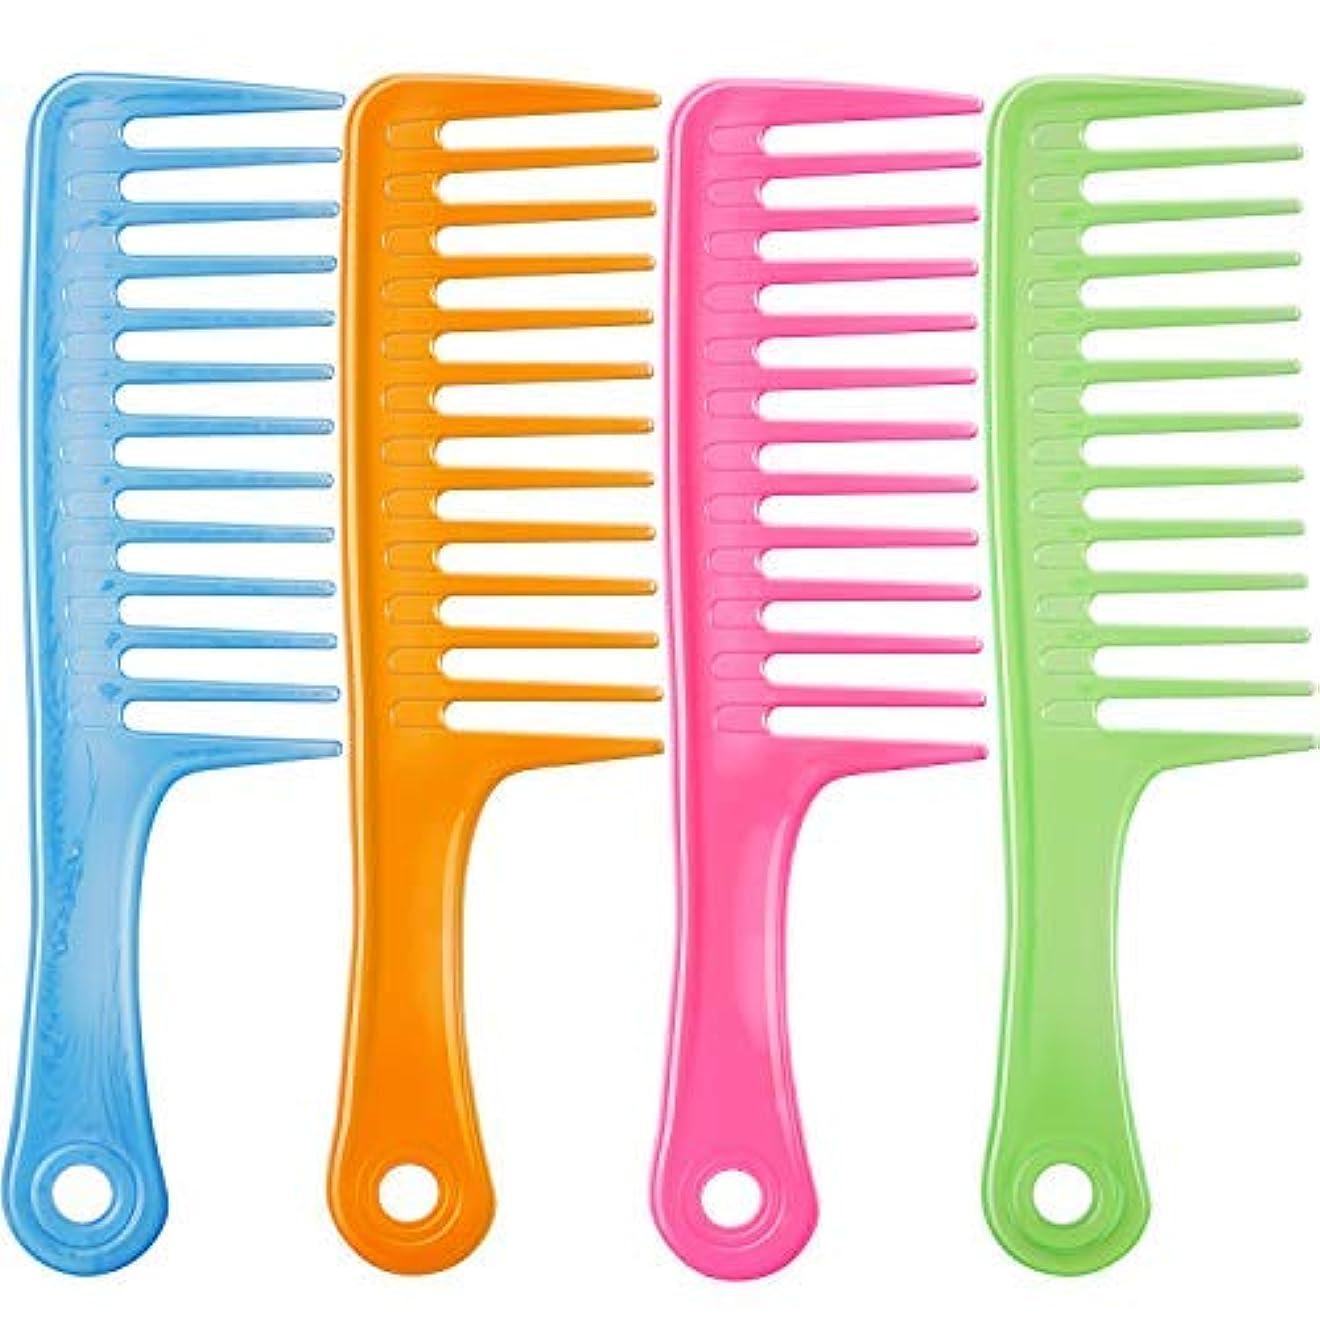 密輸モックオズワルドTecUnite 4 Pieces 9 1/2 Inches Anti-static Large Tooth Detangle Comb, Wide Tooth Hair Comb Salon Shampoo Comb...